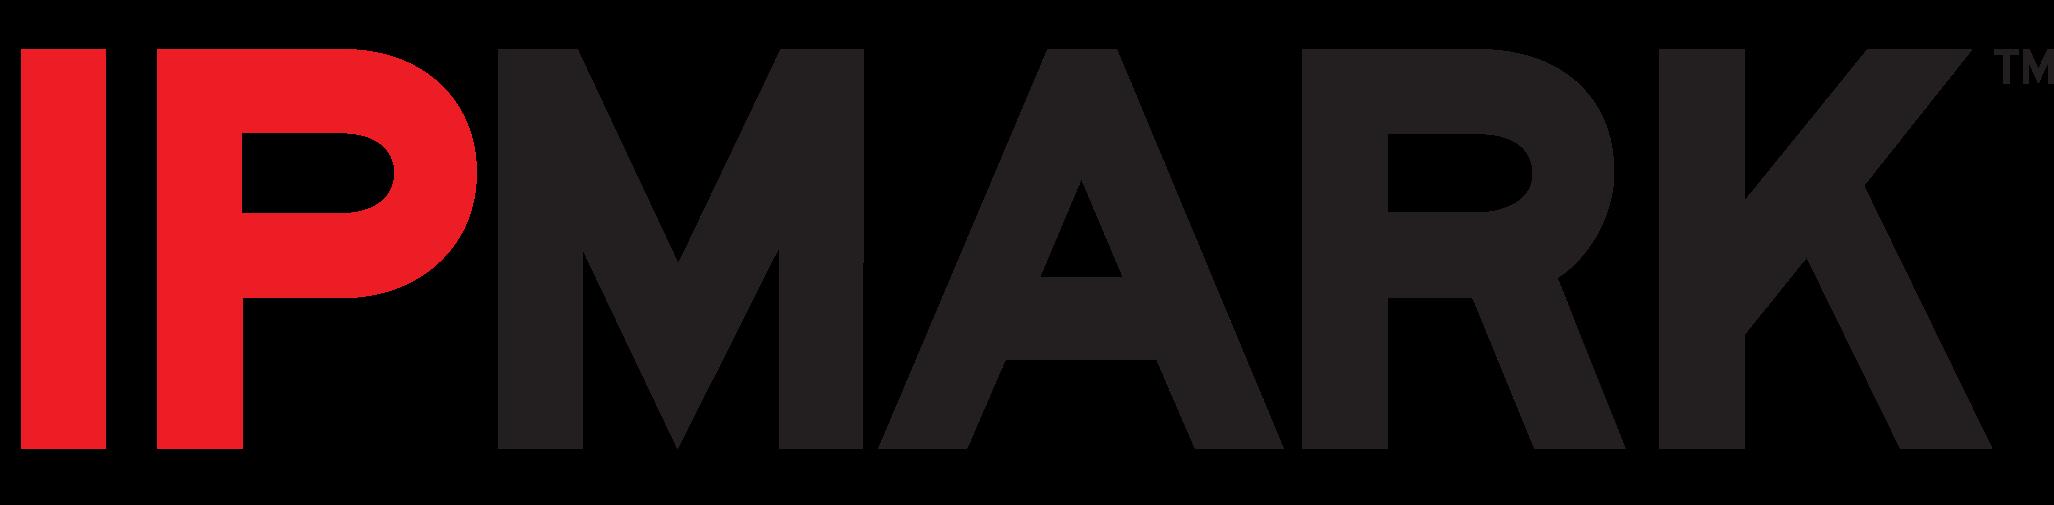 IP Mark